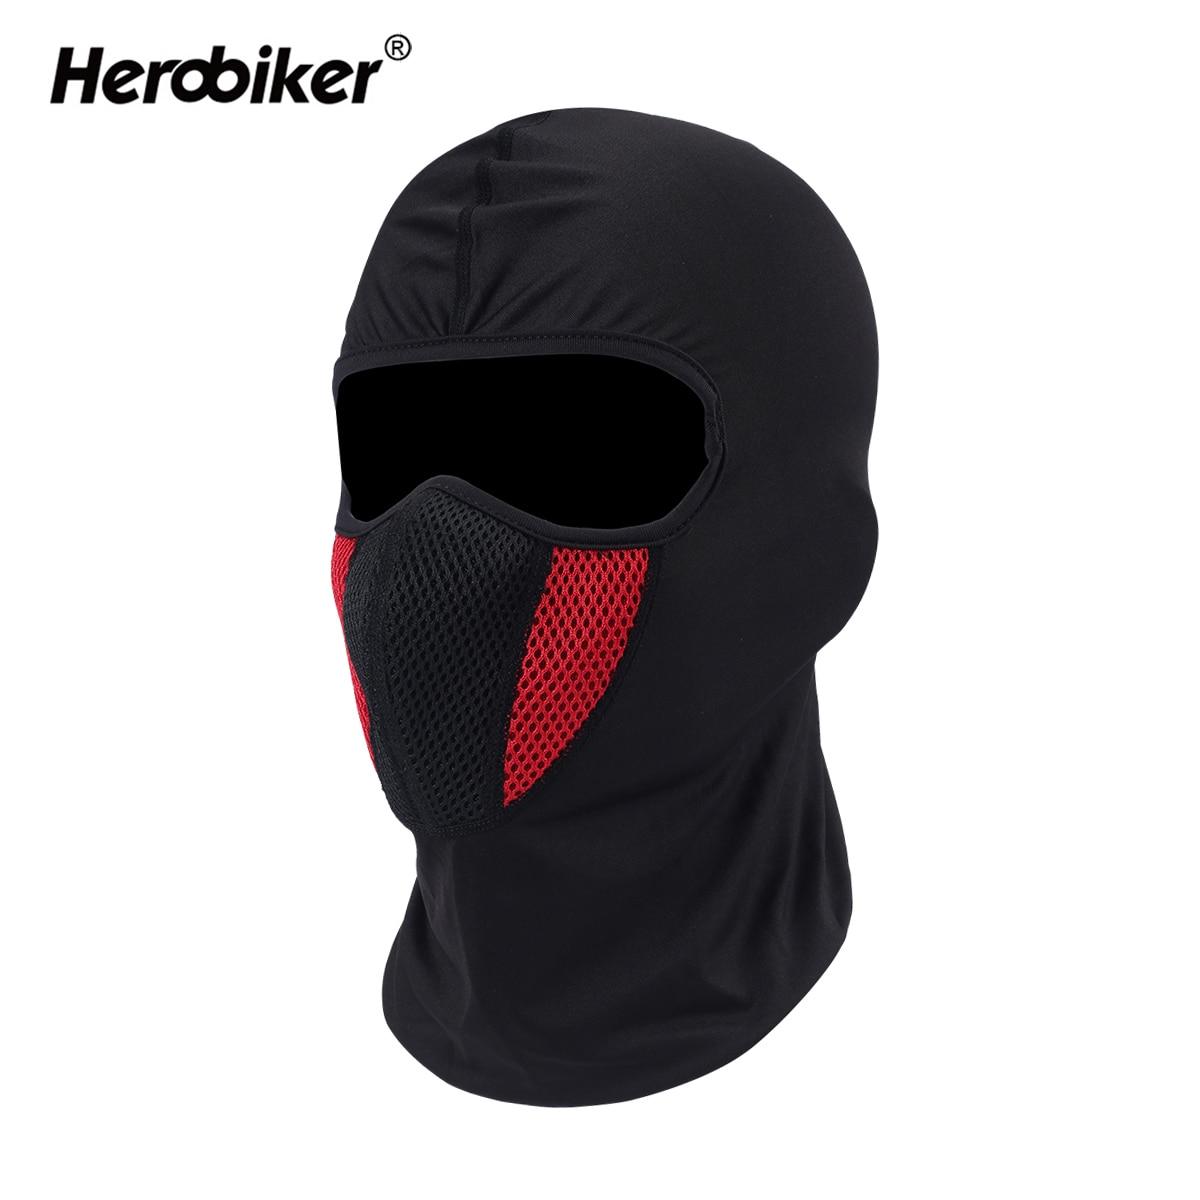 HEROBIKER Balaclava Moto motocicleta mascarilla cara escudo Tactical Airsoft Paintball ciclismo esquí ejército casco máscara